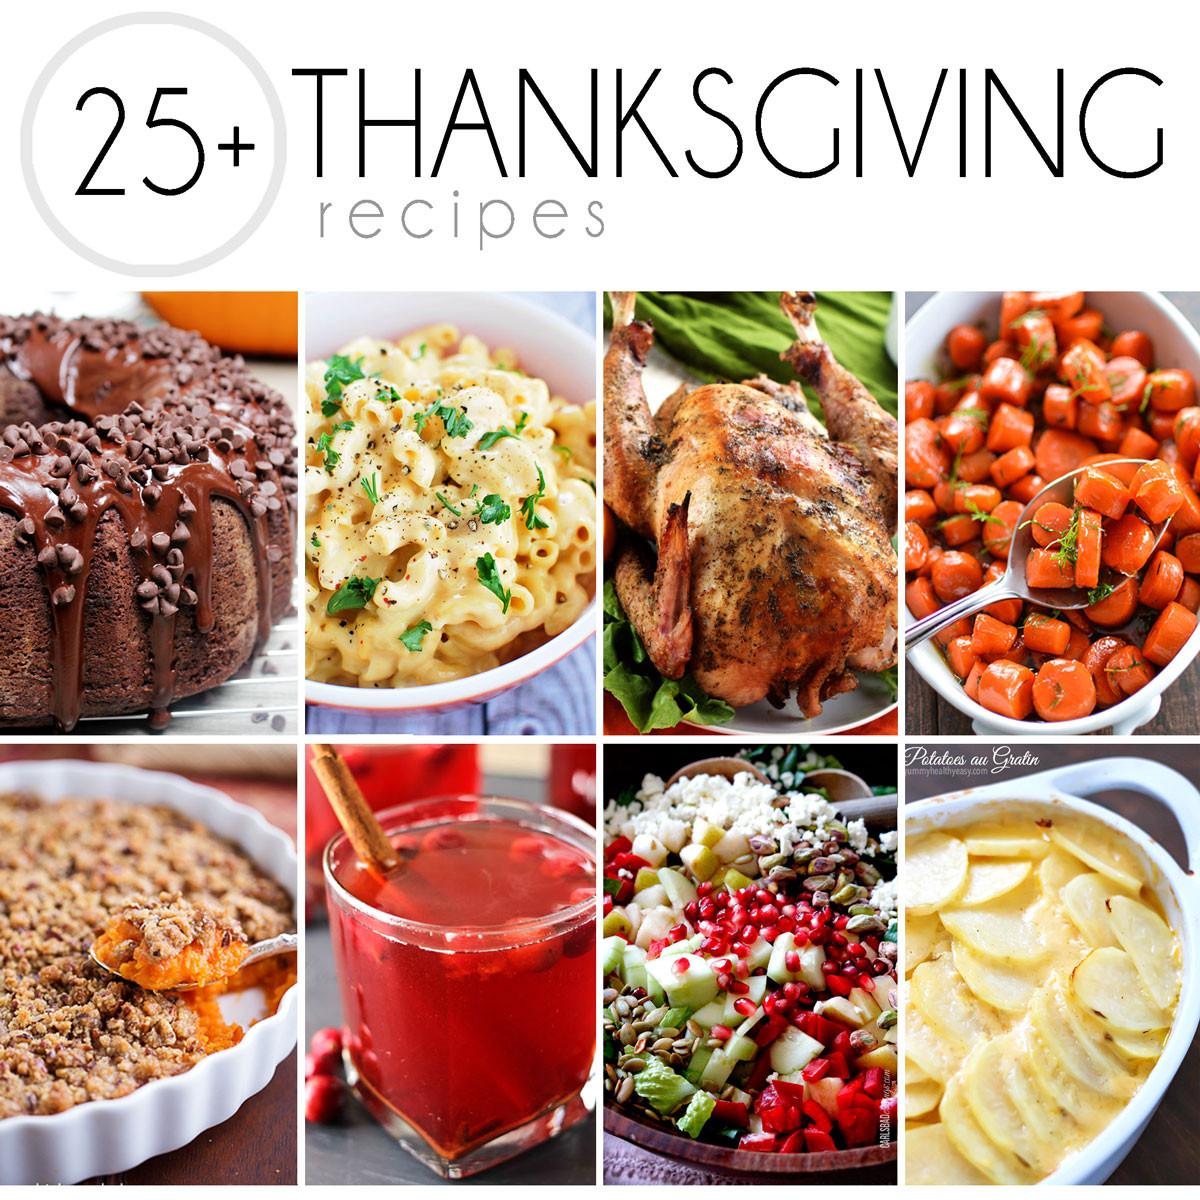 Turkey Recipe For Thanksgiving Dinner  25 Thanksgiving Recipes